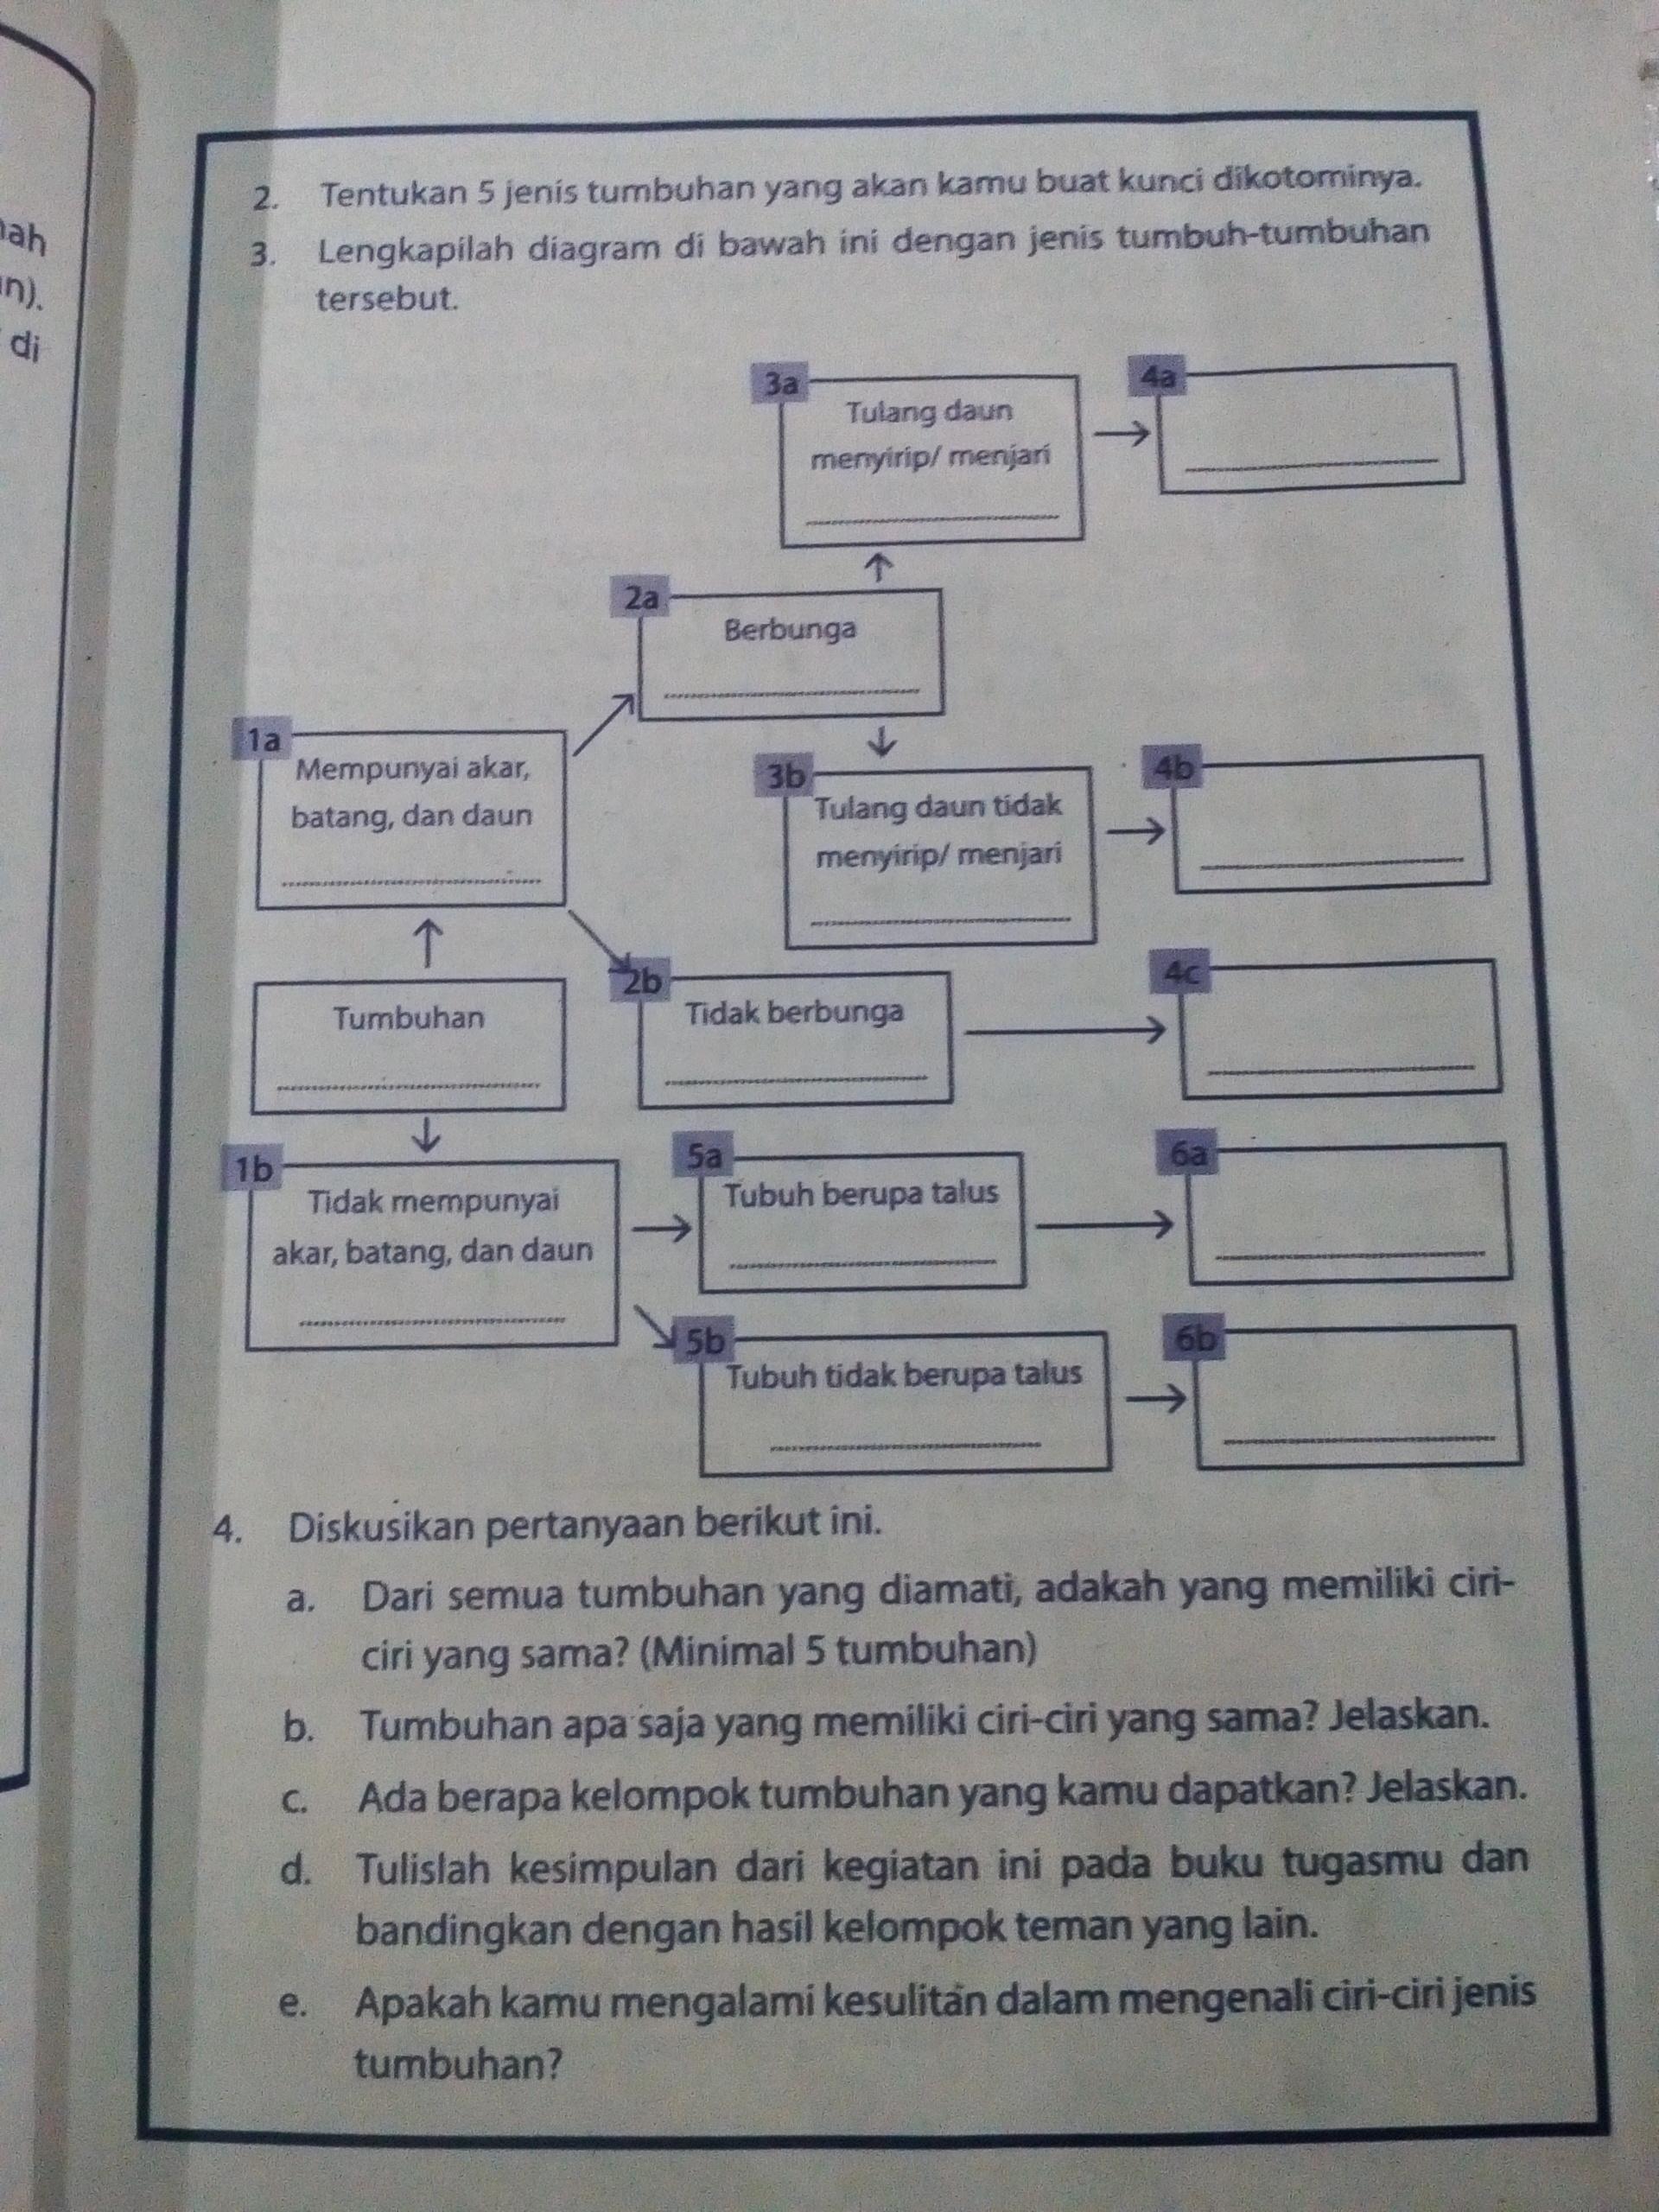 Lengkapilah Diagram Di Bawah Ini Dengan Jenis Tumbuhan Tersebut Brainly Co Id